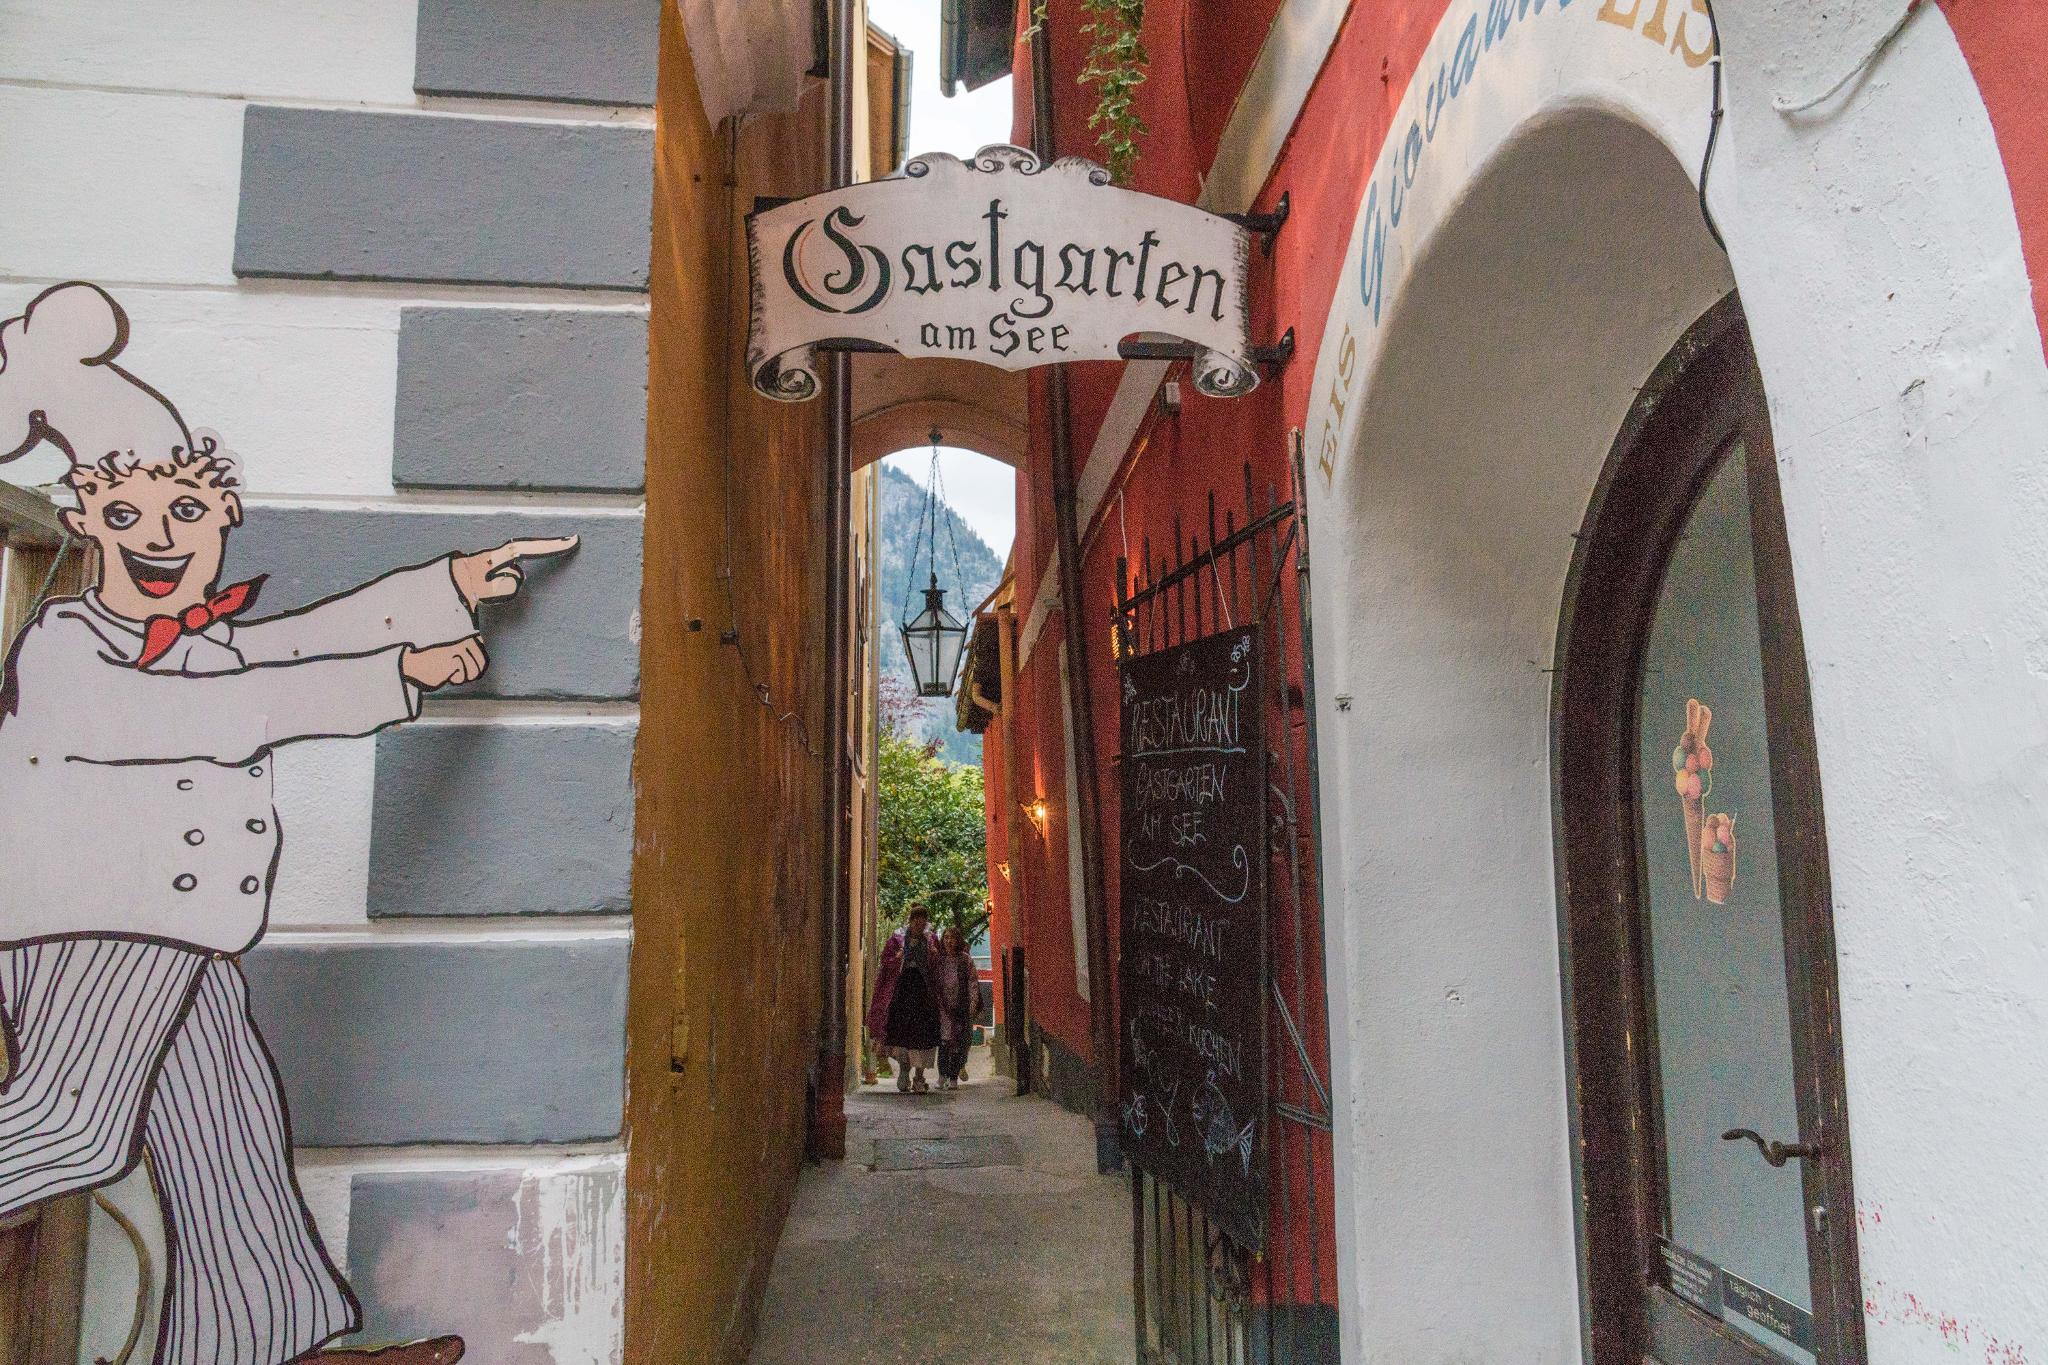 【奧地利】童話仙境 Hallstatt 哈修塔特 — 追逐世界遺產小鎮的夢幻黃金日出 32